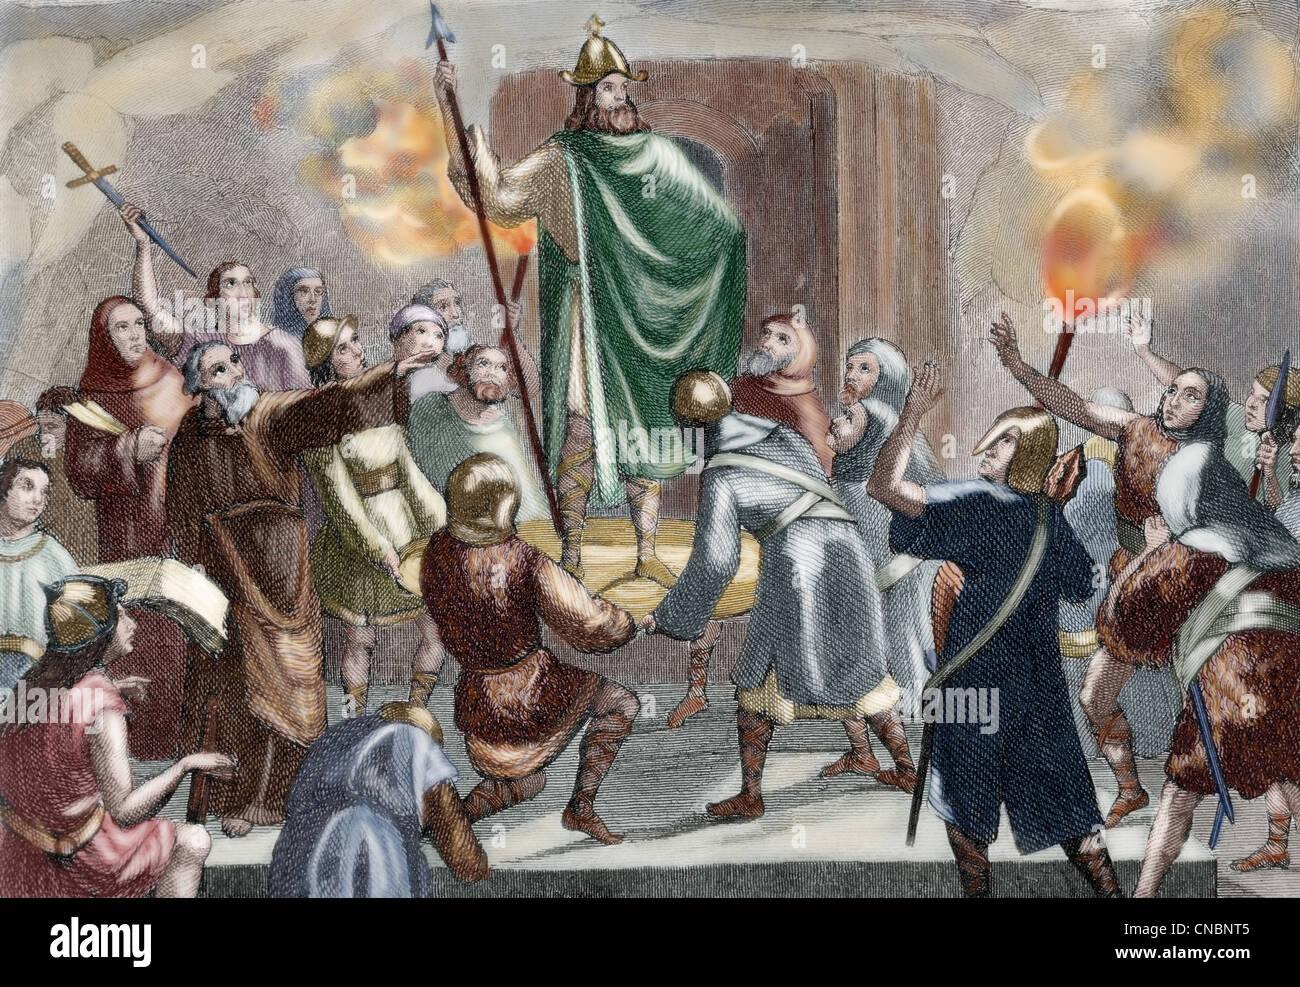 Incoronazione di Garci Ximenez (724 ¿? - 758?). Considerato, secondo la leggenda, il primo re del Sobrarbe. Immagini Stock